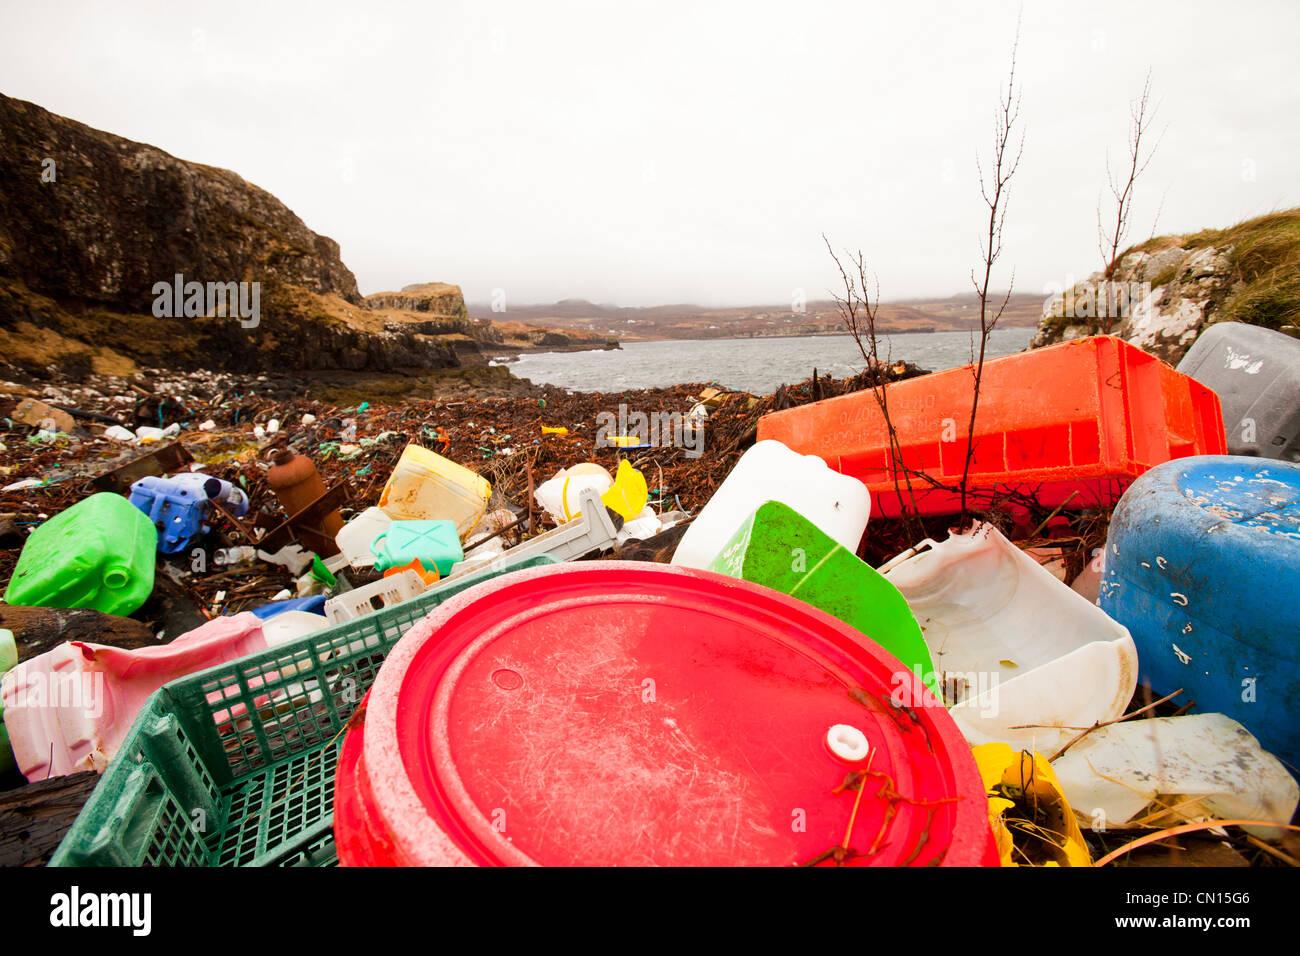 Desechos de plástico arrastrado en Ardtreck Bay en la Isla de Skye, Escocia, Reino Unido. Foto de stock